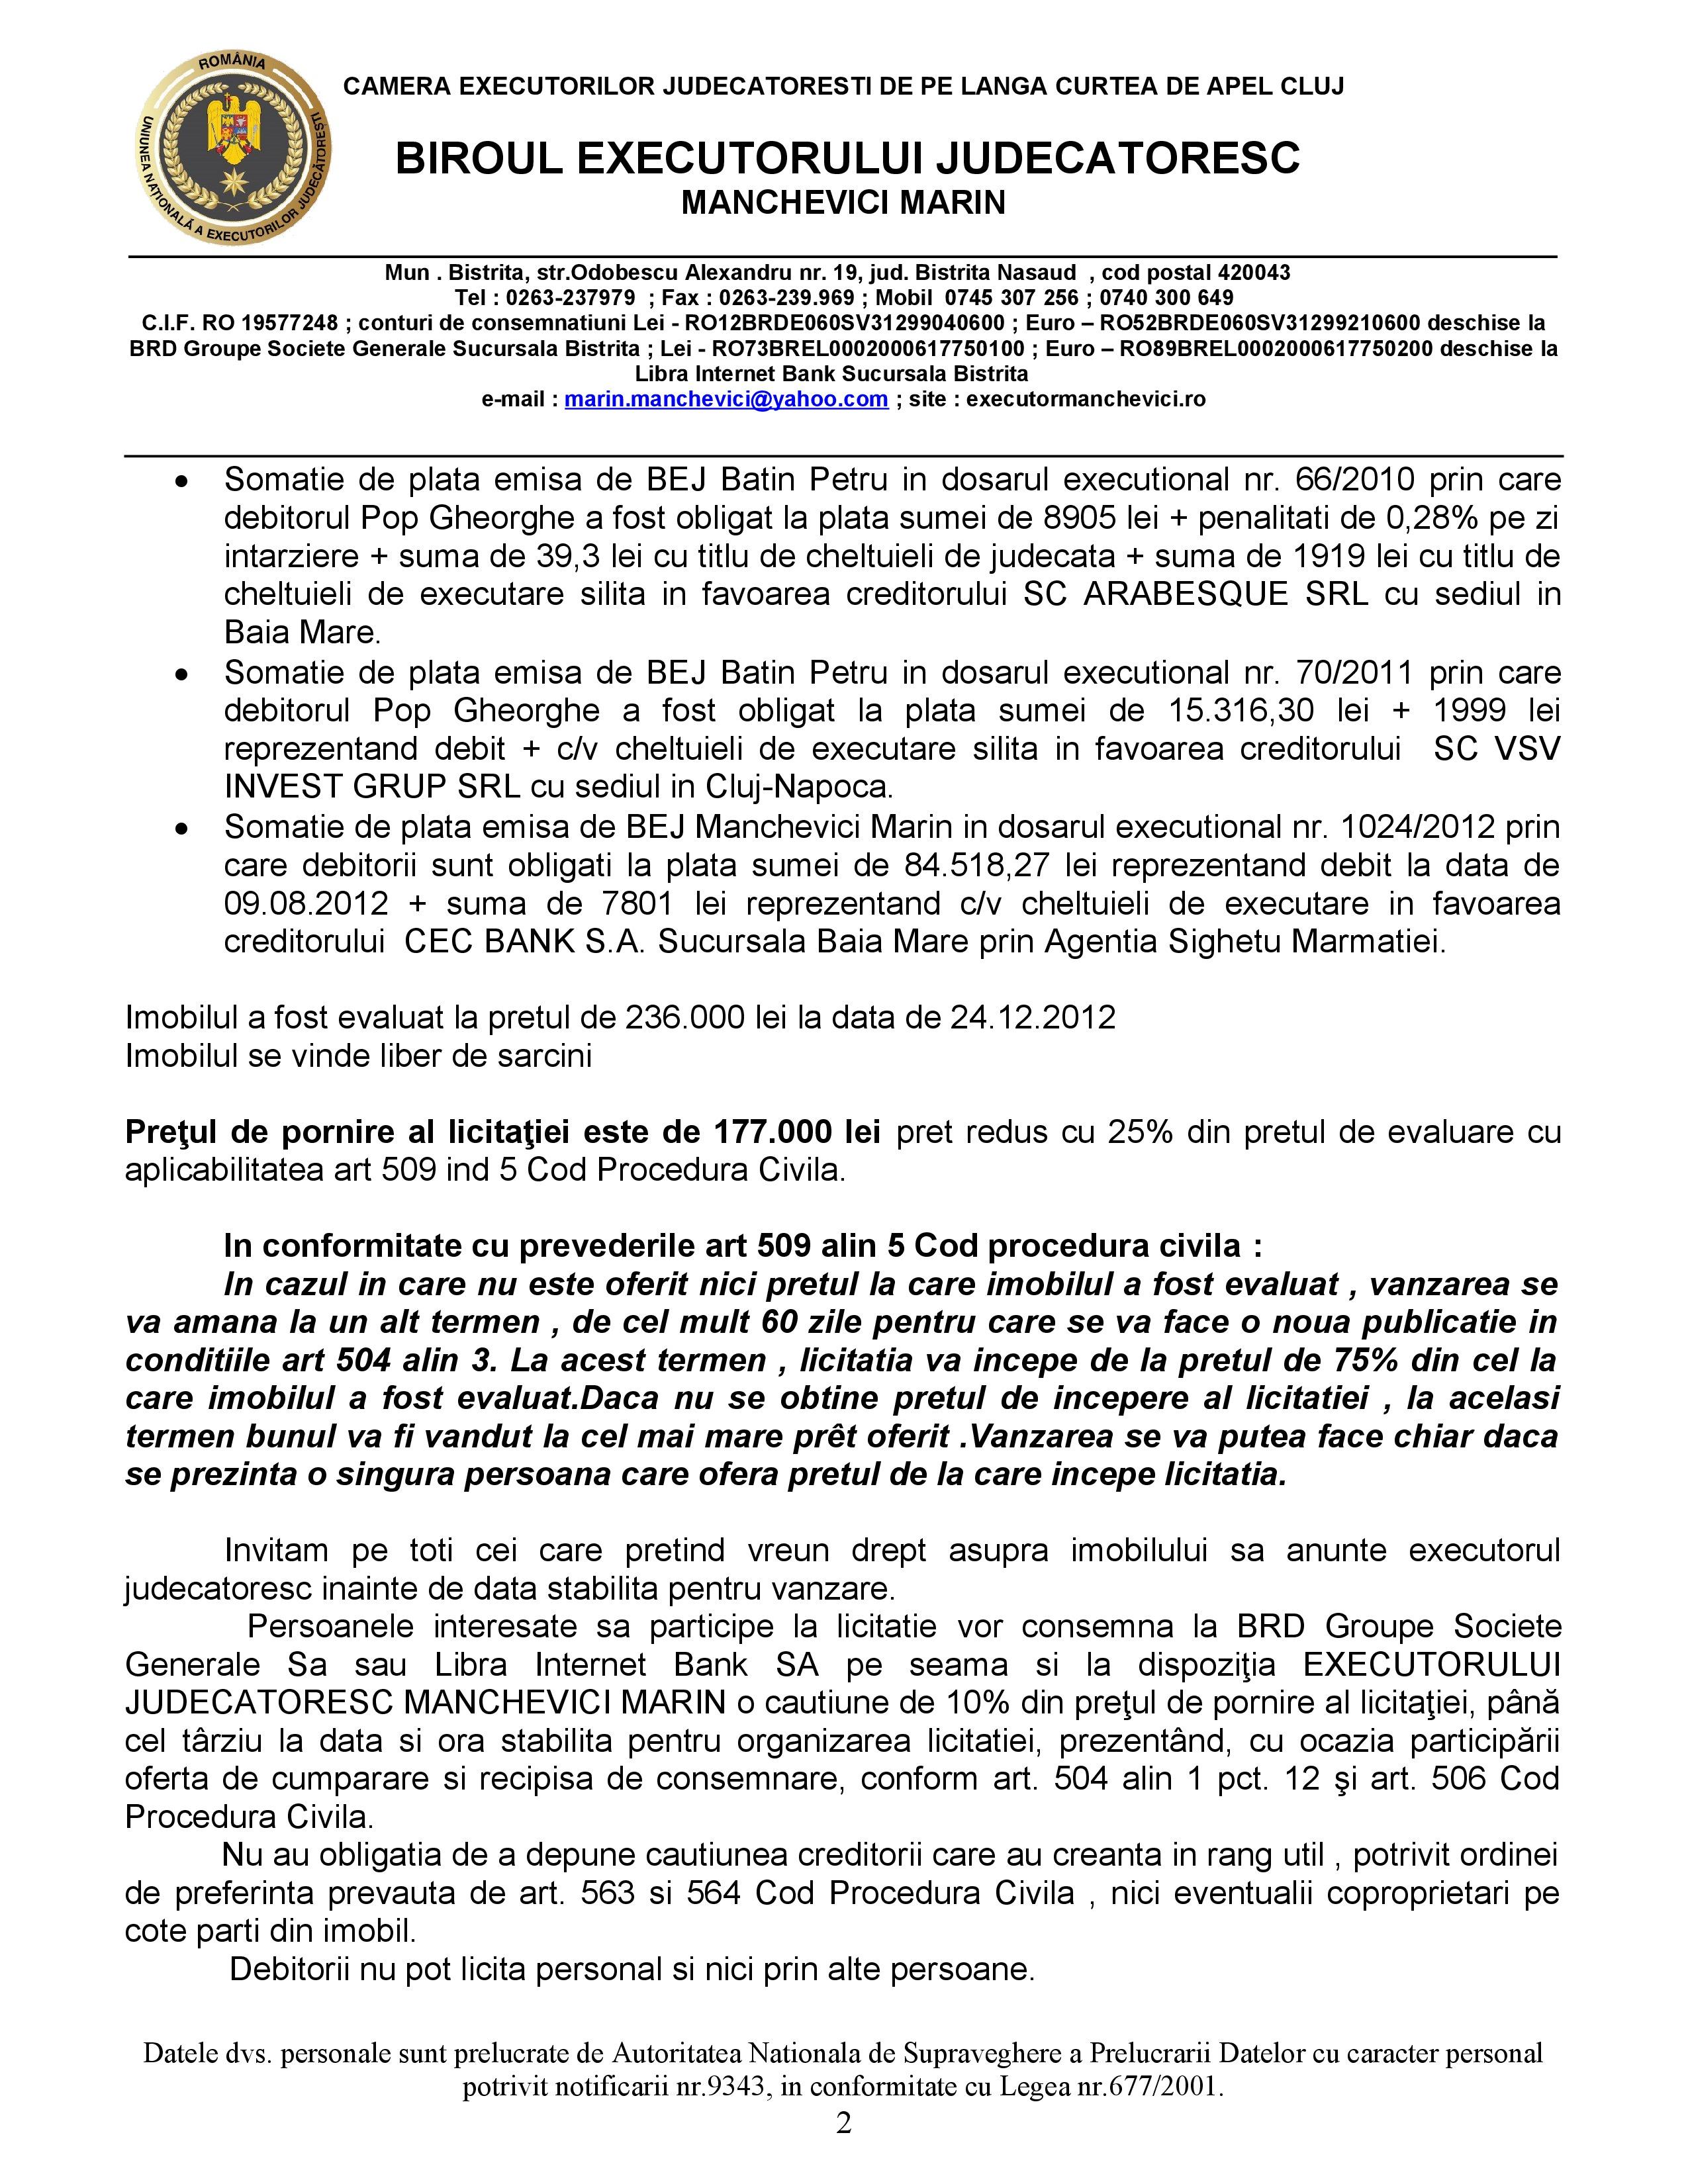 Teren 420 mp și atelier reparații auto, Sighetu Marmației, 177.000 lei